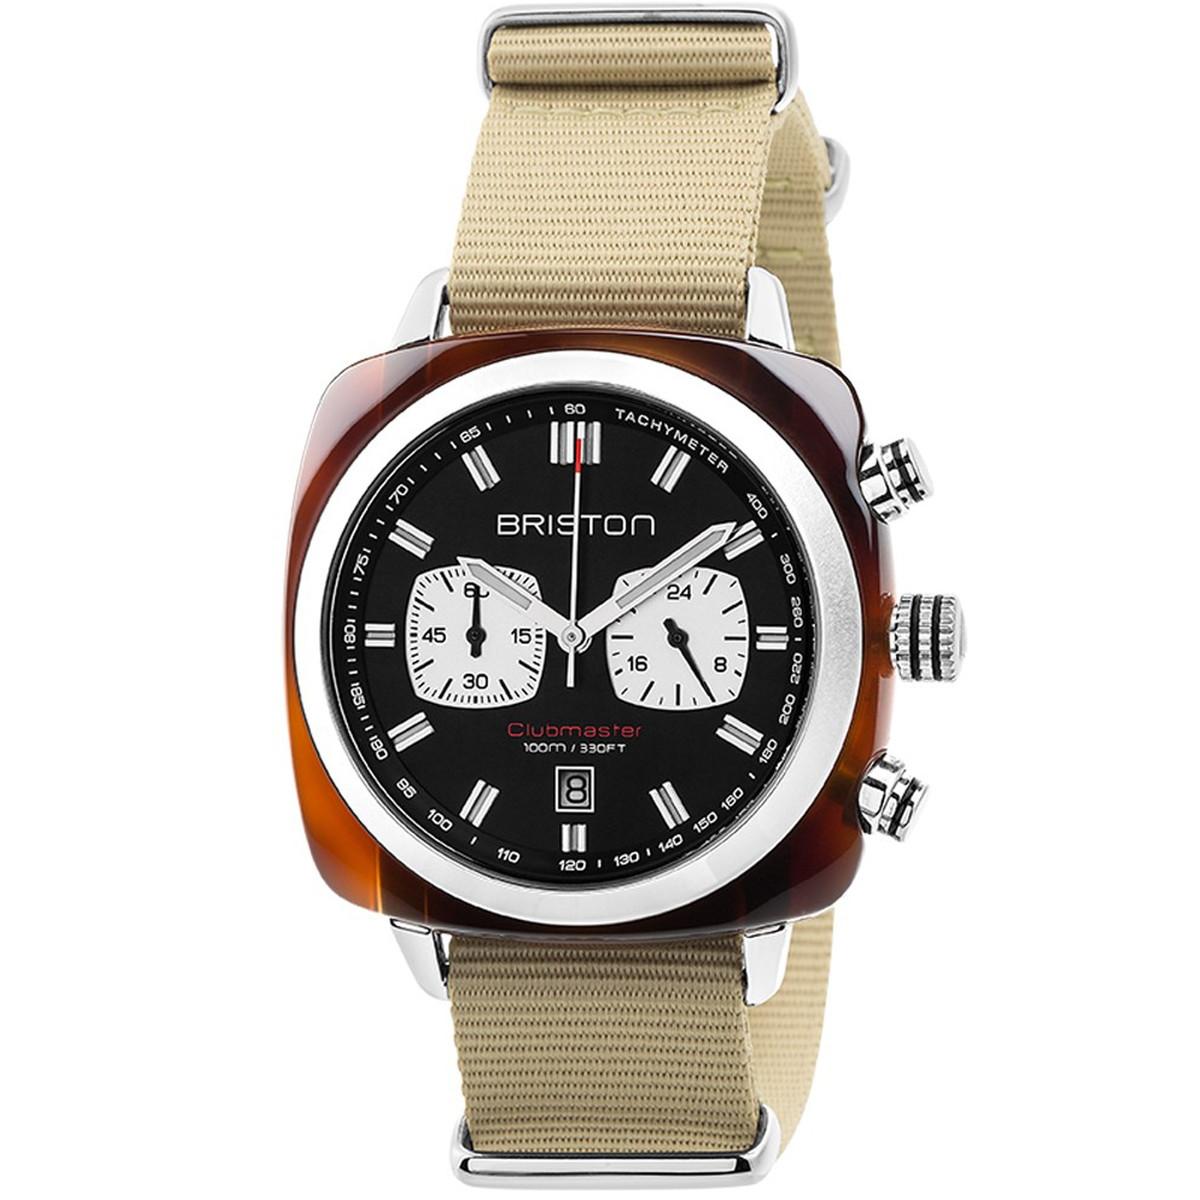 ブリストン BRISTON 公式通販 CLUBMASTER SPORT CHRONOGRAPH TORTOISE WATCH / 腕時計